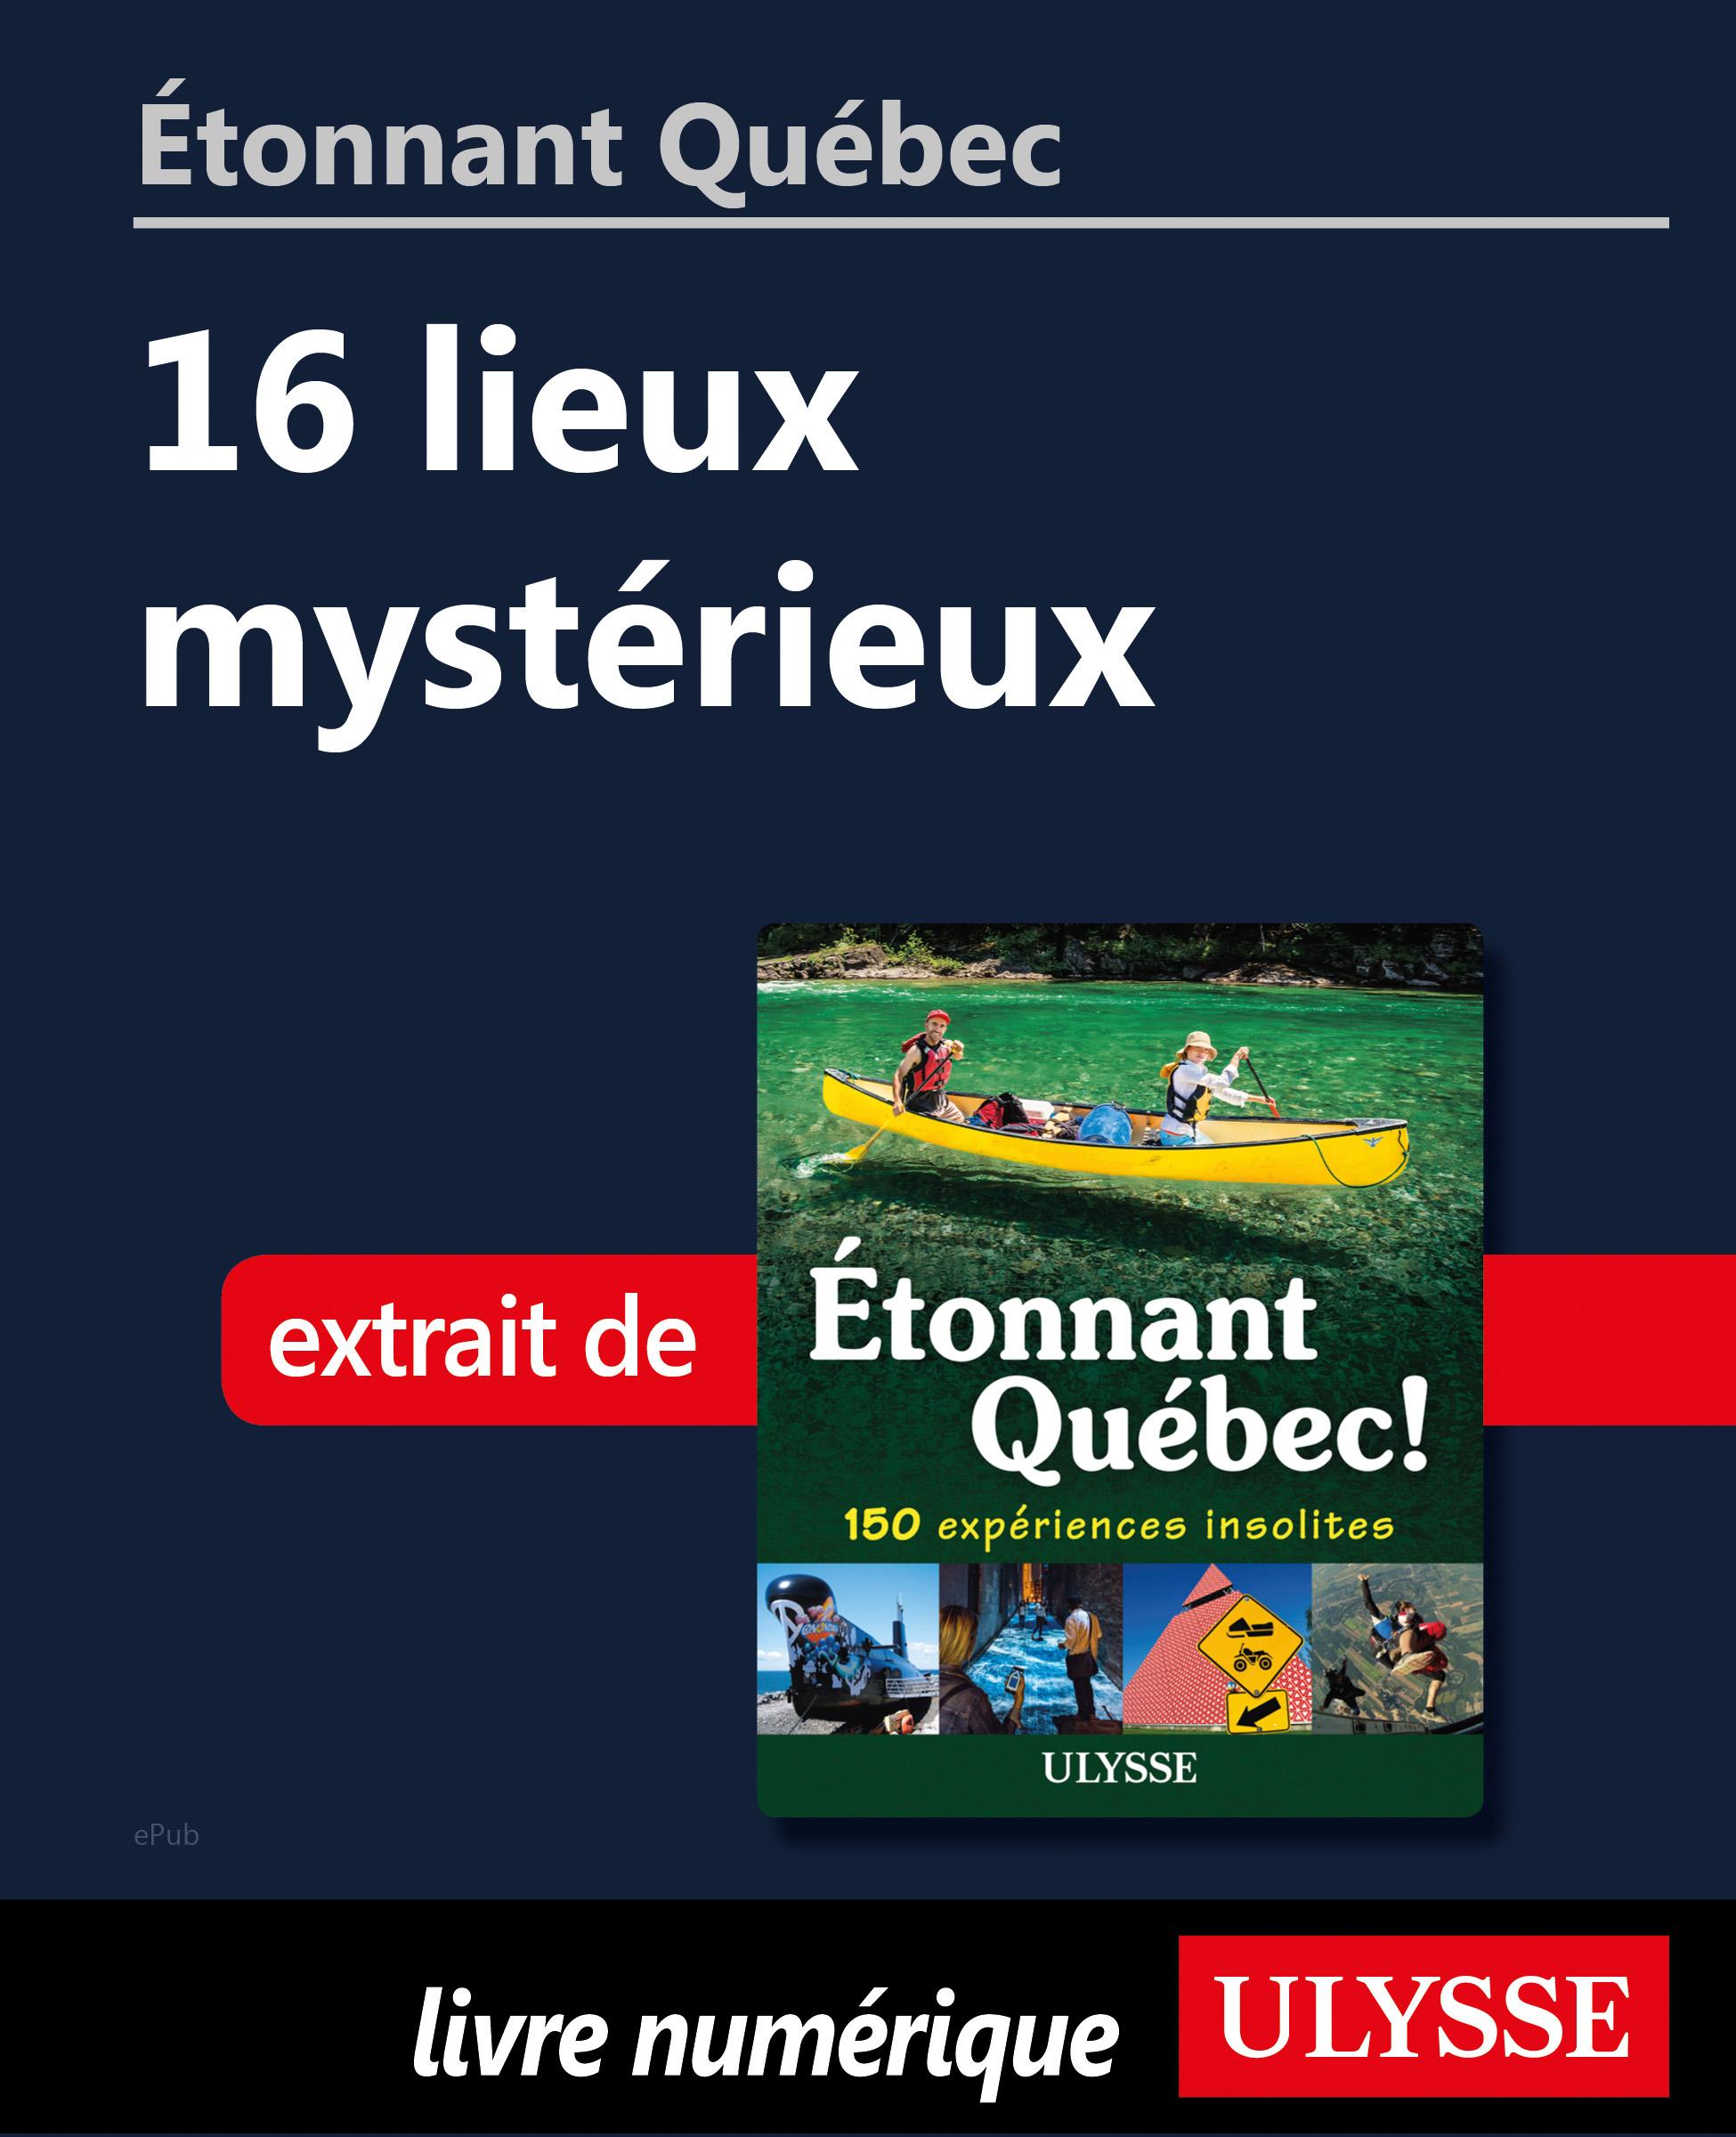 Étonnant Québec: 16 lieux mystérieux